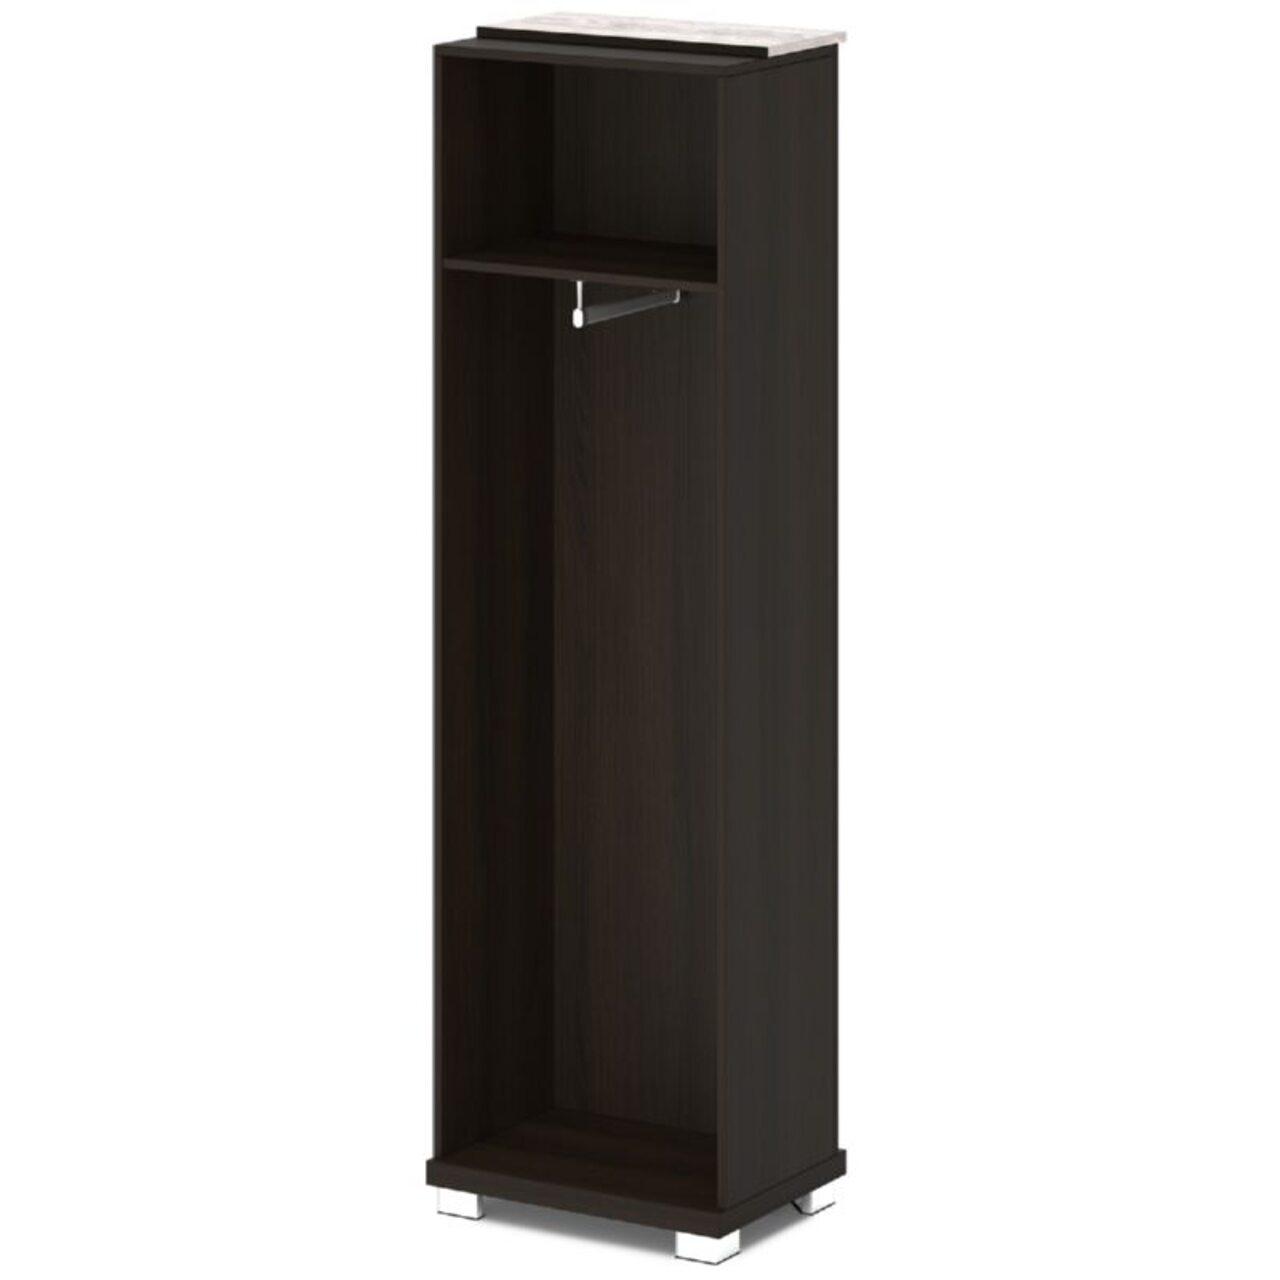 Каркас шкафа для одежды центральный - фото 8